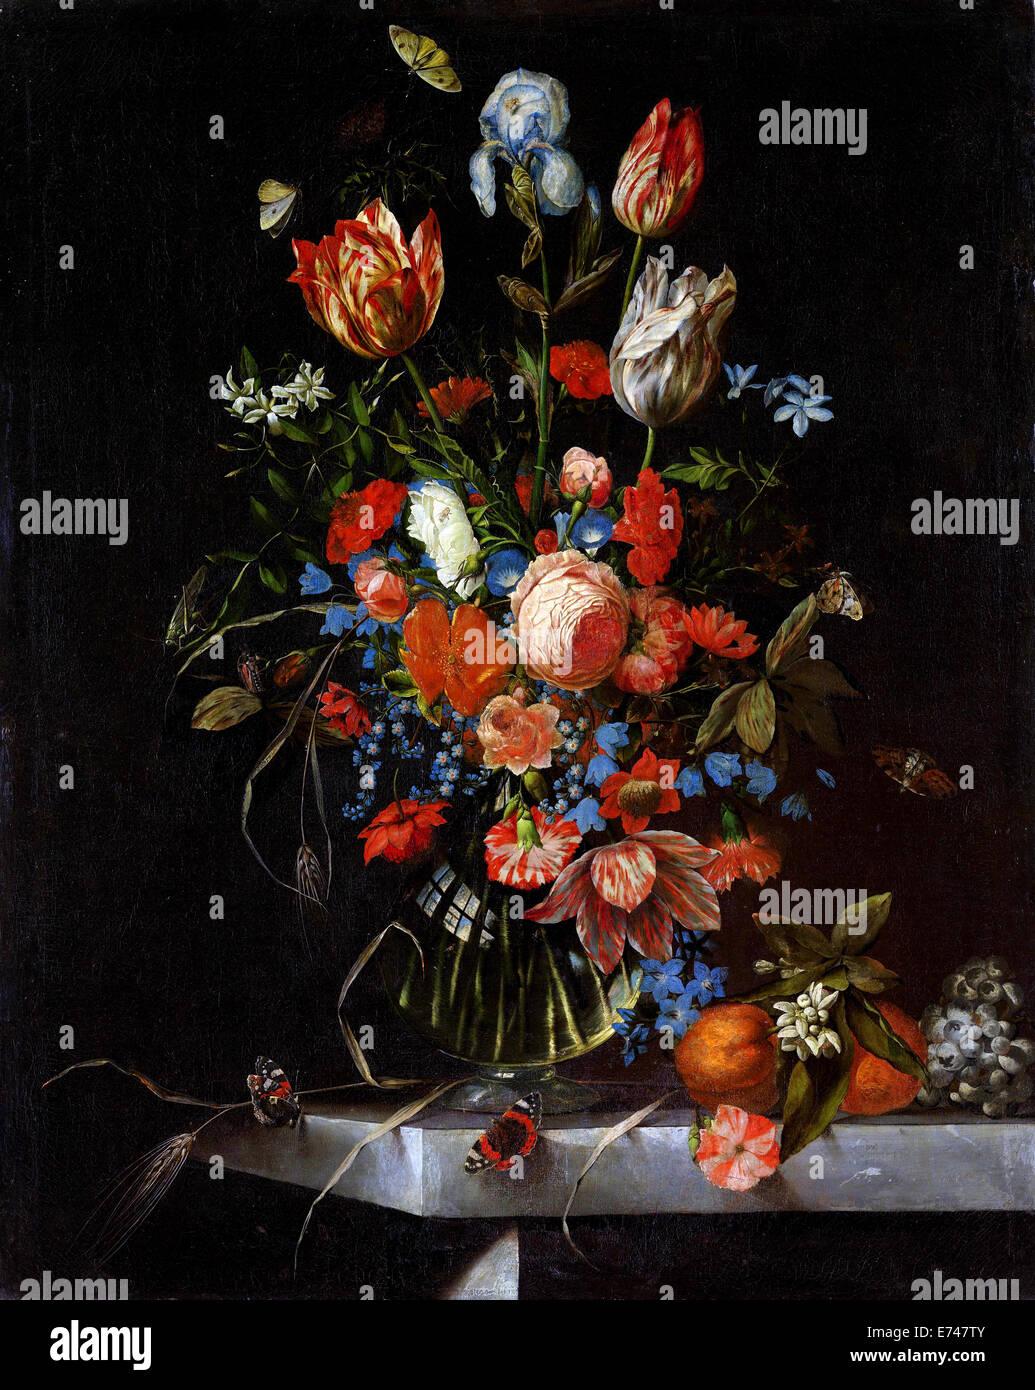 Stillleben mit Blumen - von Ottmar Elliger, 1673 Stockbild